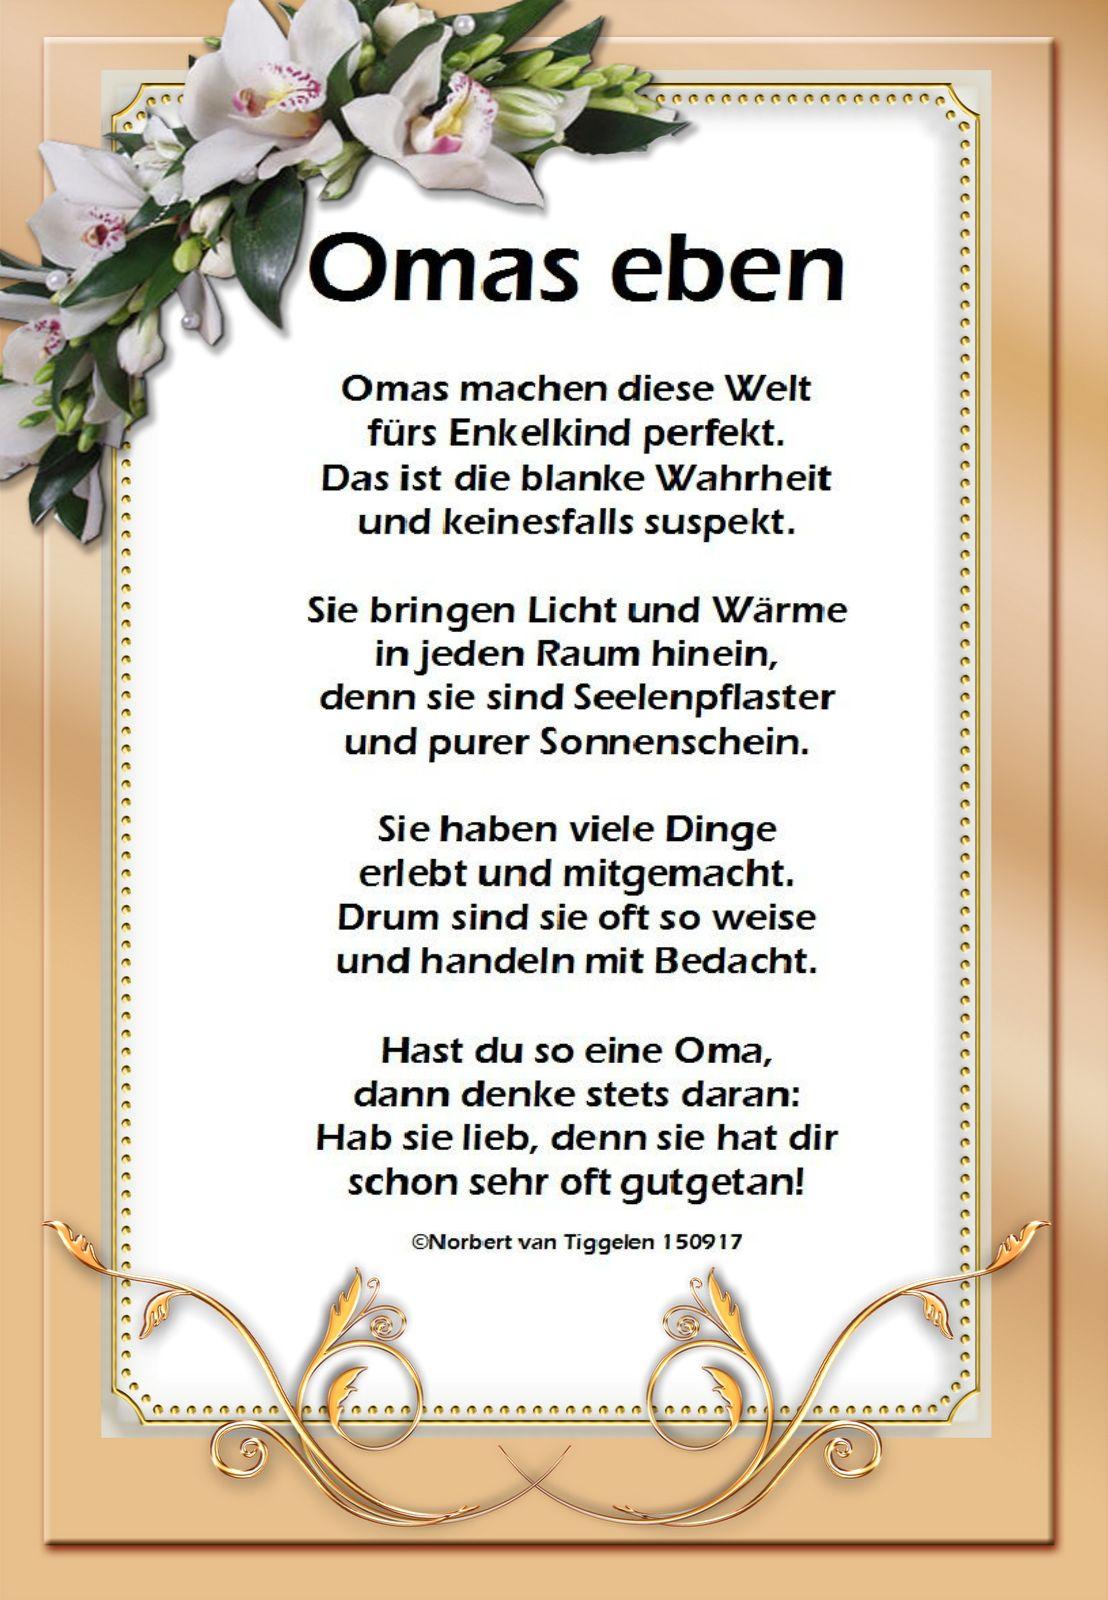 Rosinante Gedichte Und Spruche Spruche Fur Oma Geburtstag Gedicht